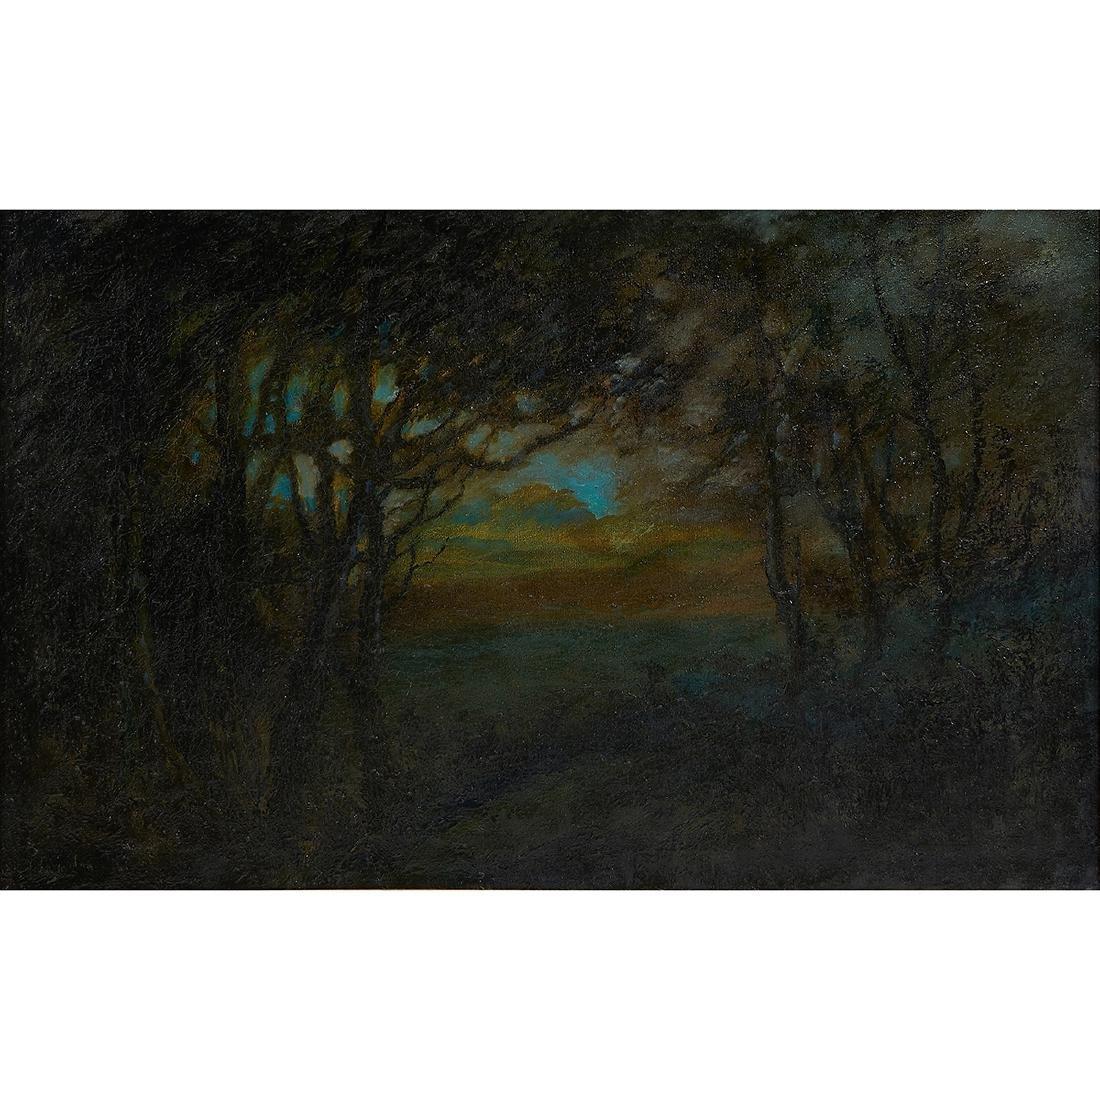 Alfred Hetherington, Landscape, oil on canvas